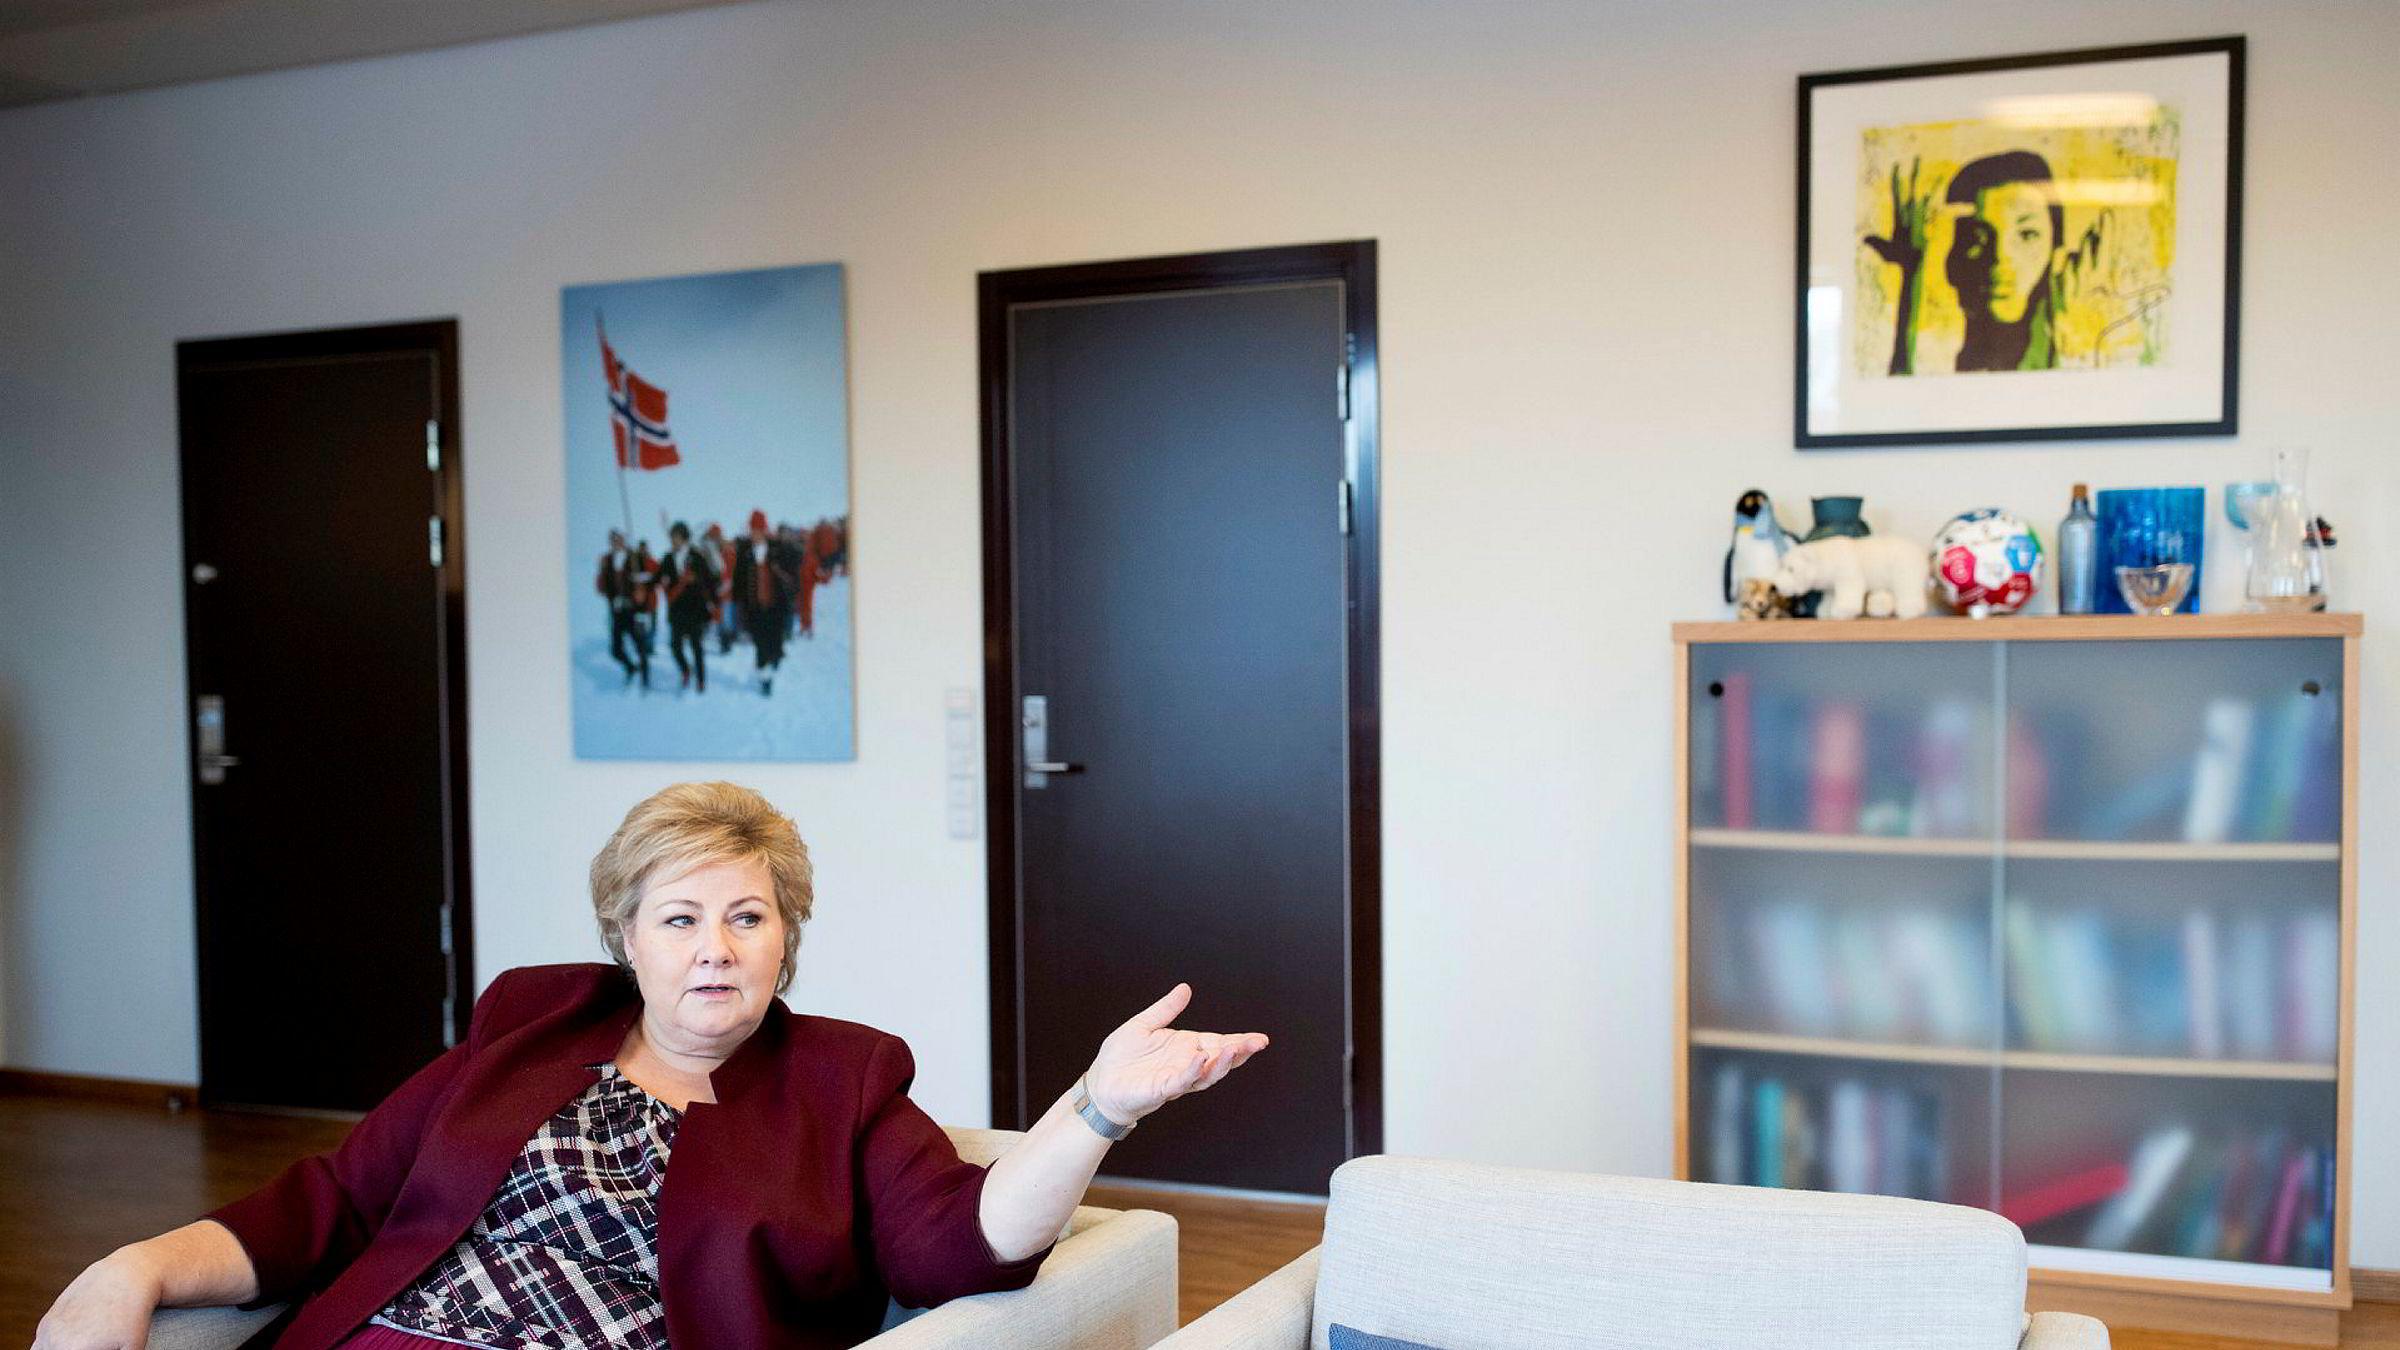 Statsminister Erna Solberg skal bruke helgen på et toppmøte i Etiopia for å sikre afrikanske stemmer til Norges plass i FNs sikkerhetsråd.